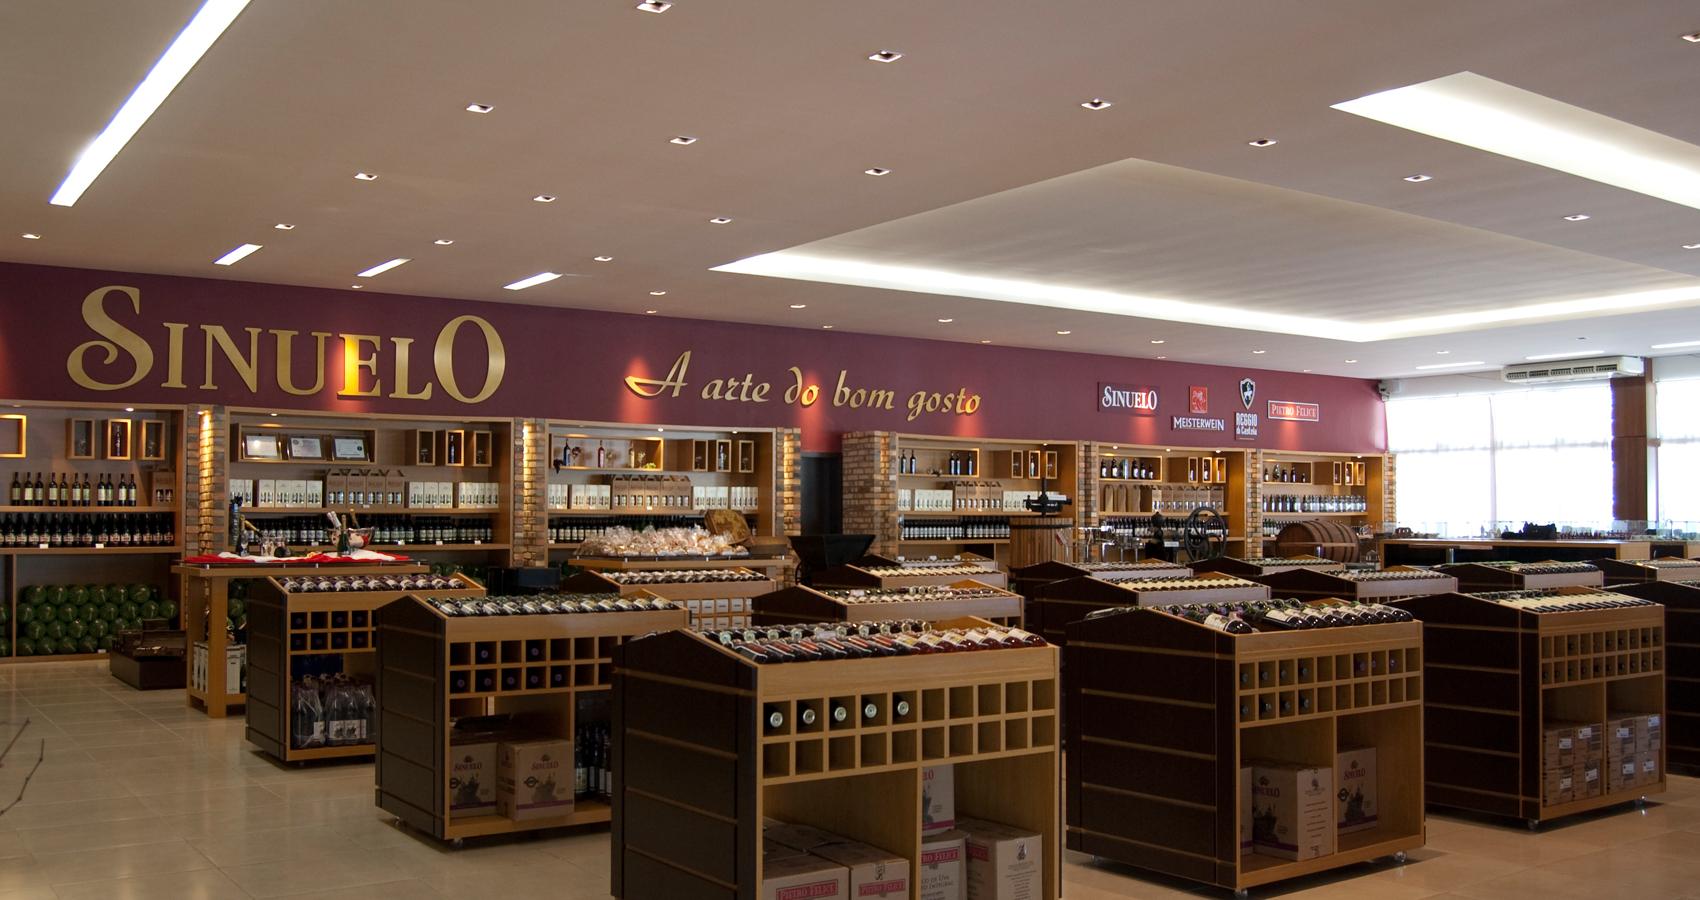 PJV Arquitetura - Loja de vinhos Sinuelo